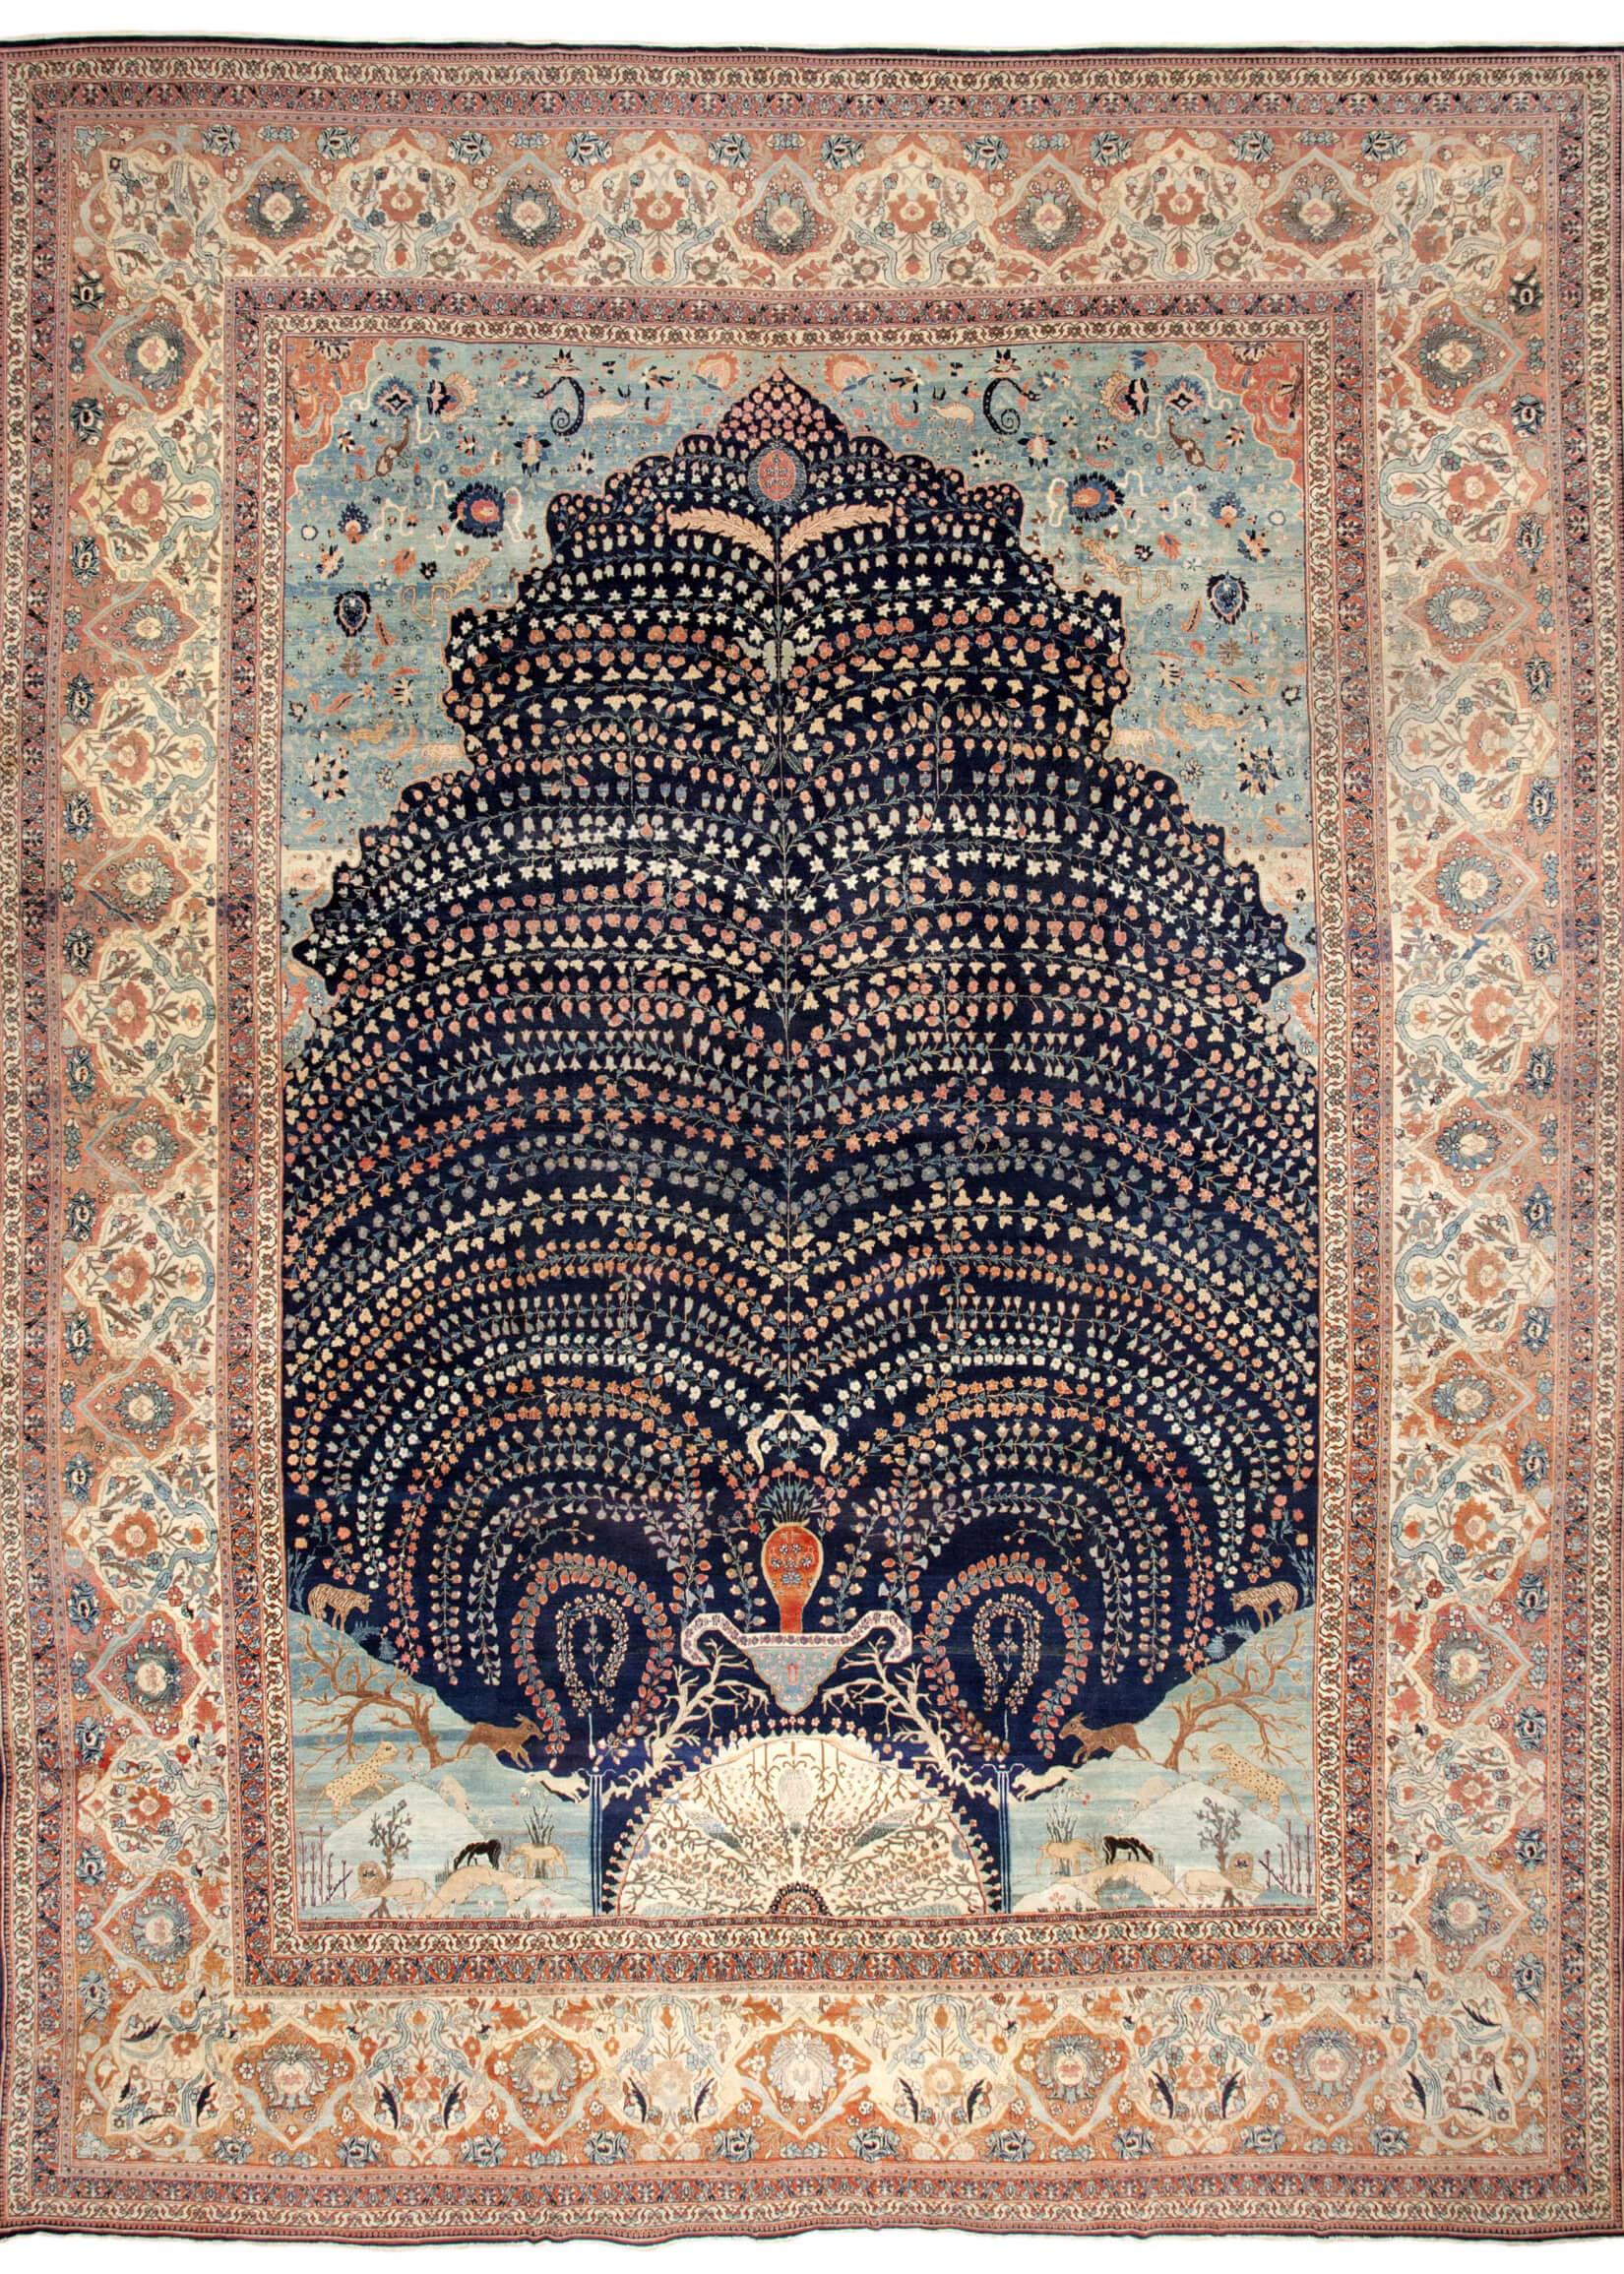 Персидский ковер ручной работы: как подготовиться к покупке